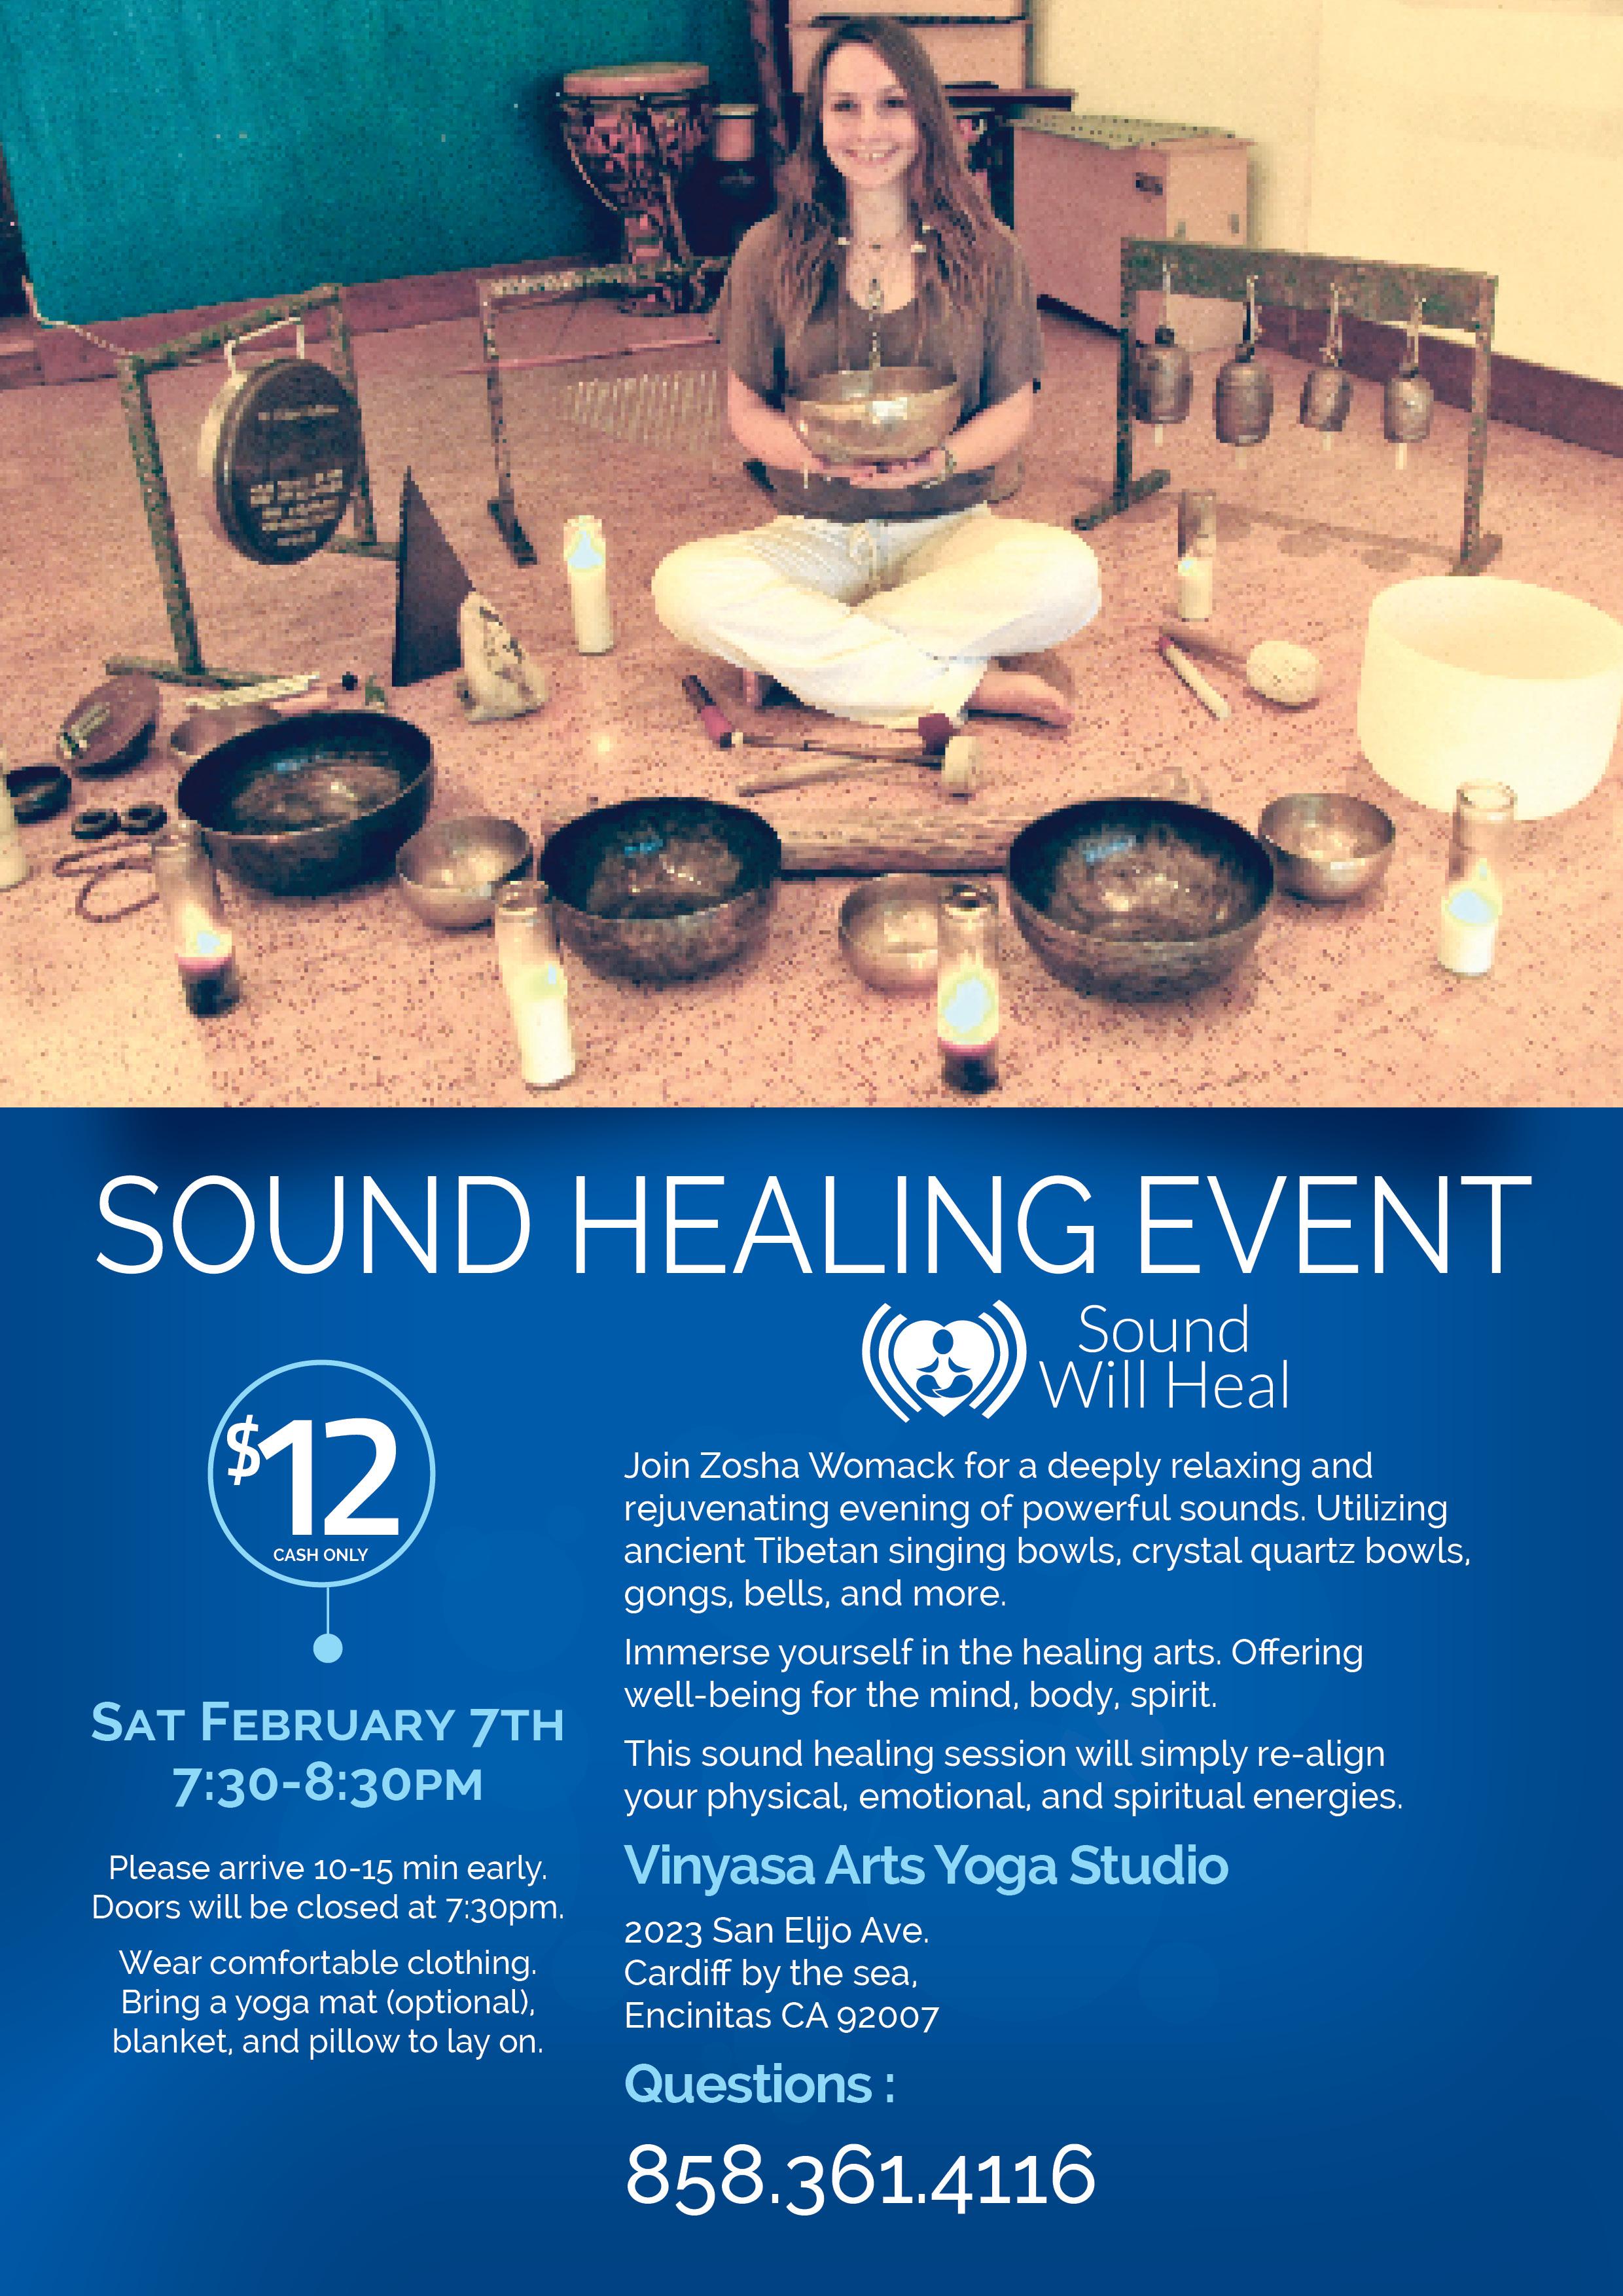 Sound Healing Event Rev 1 web